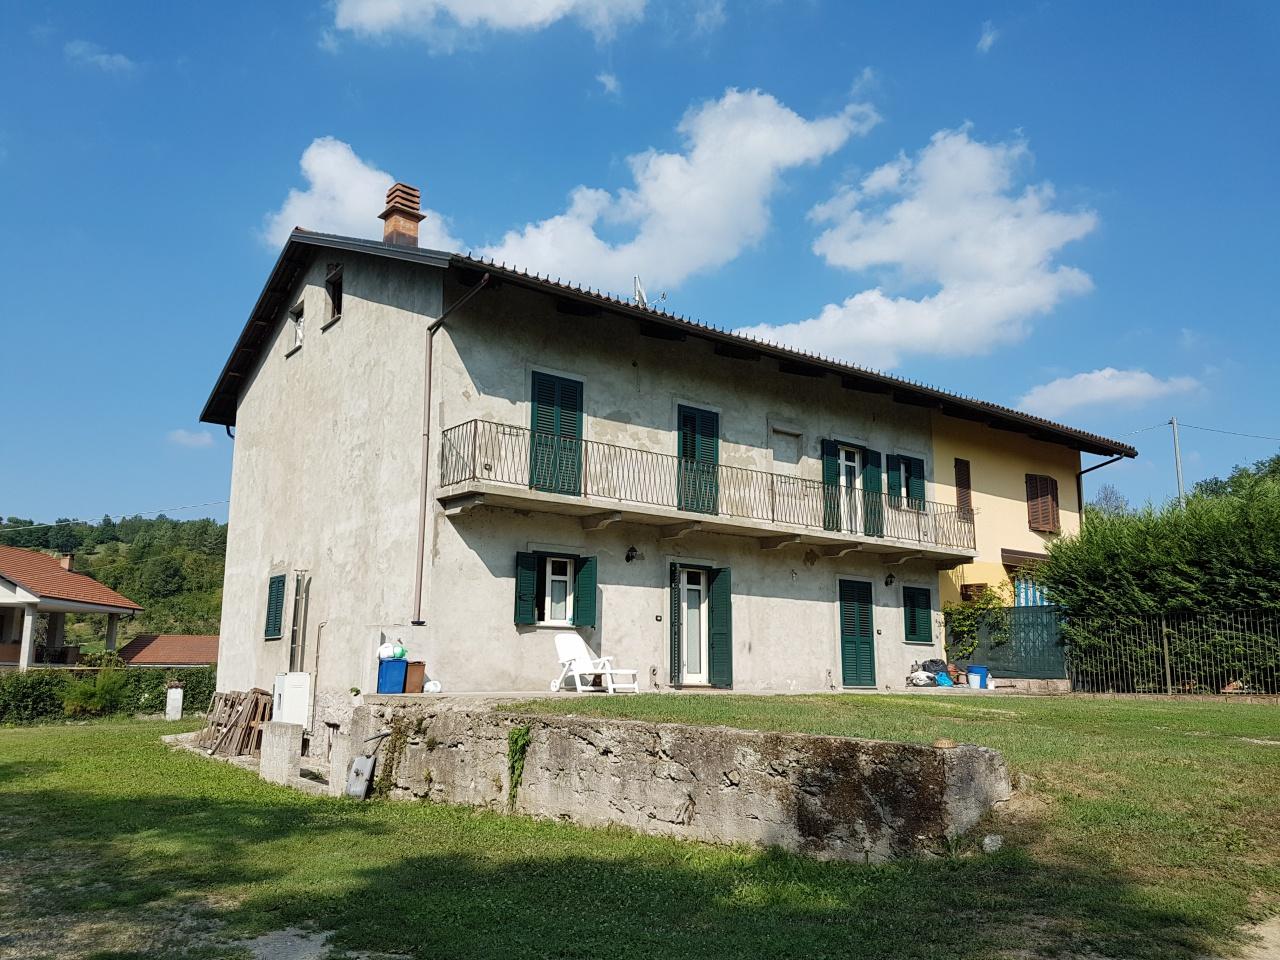 Soluzione Indipendente in vendita a Casalborgone, 8 locali, prezzo € 225.000   CambioCasa.it